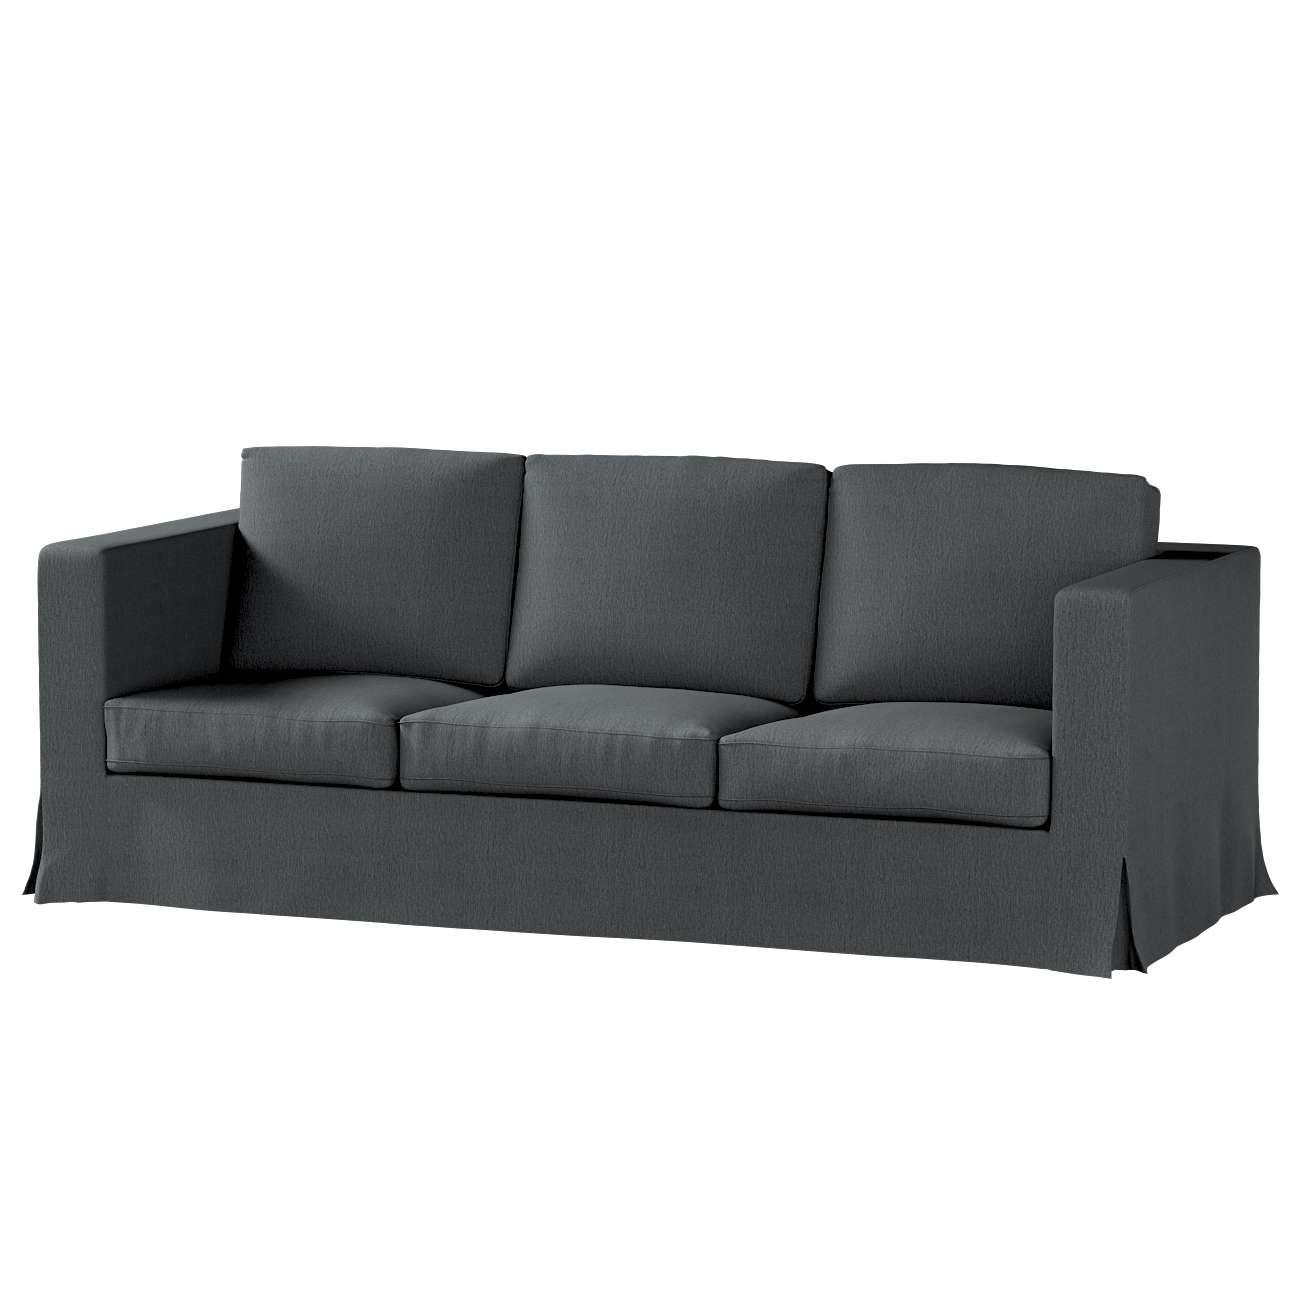 Pokrowiec na sofę Karlanda 3-osobową nierozkładaną, długi Sofa Karlanda 3-os w kolekcji Chenille, tkanina: 702-20